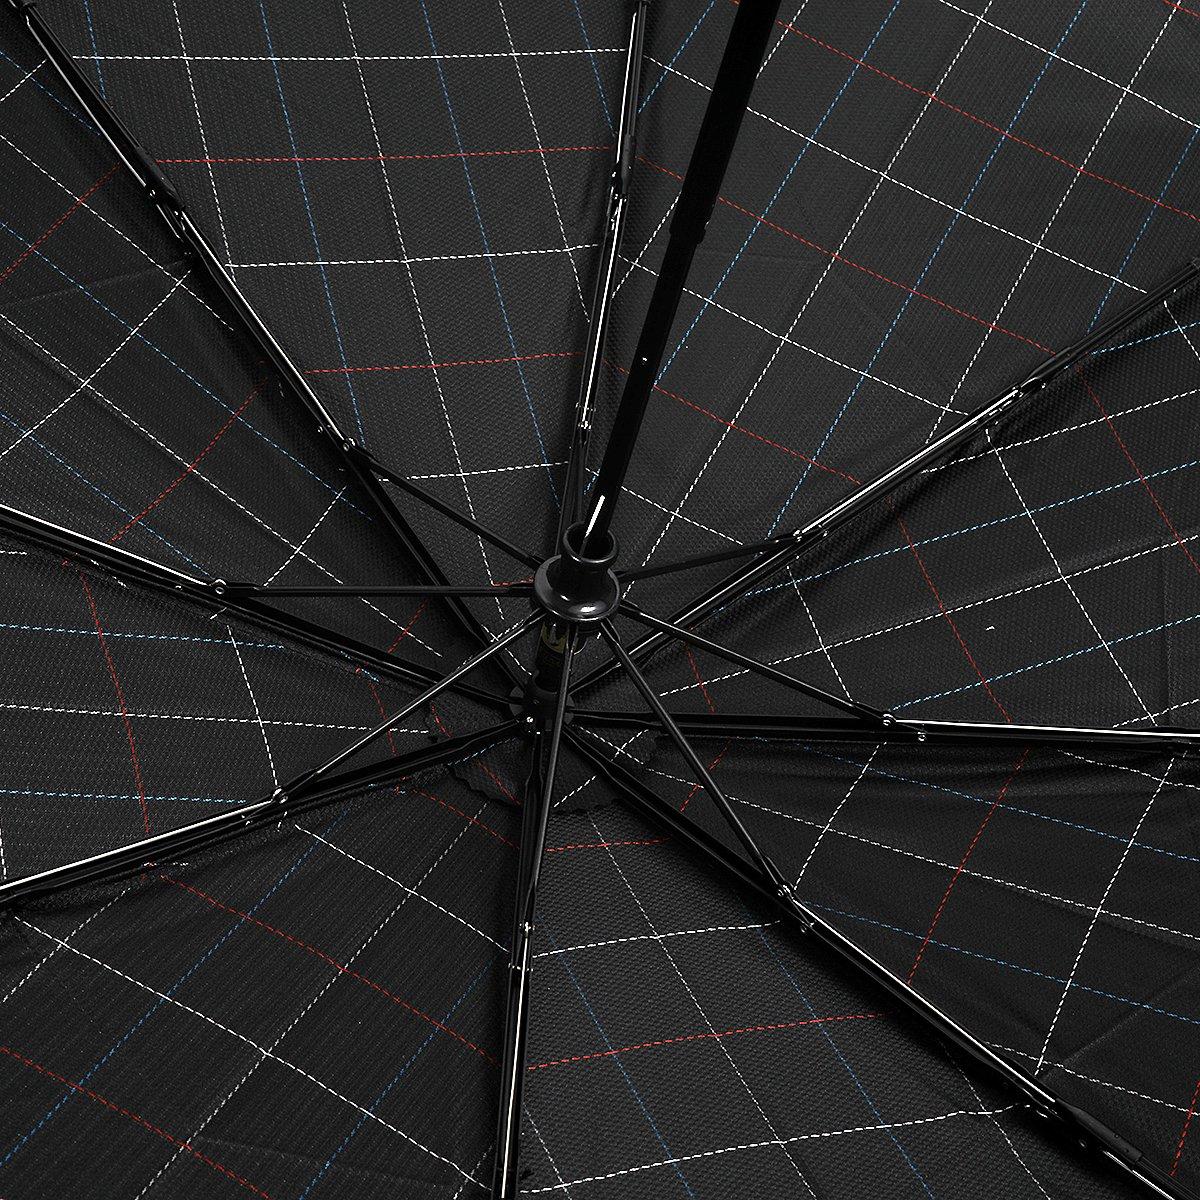 ステッチ ブロックチェック 耐風骨 折りたたみ傘 詳細画像6